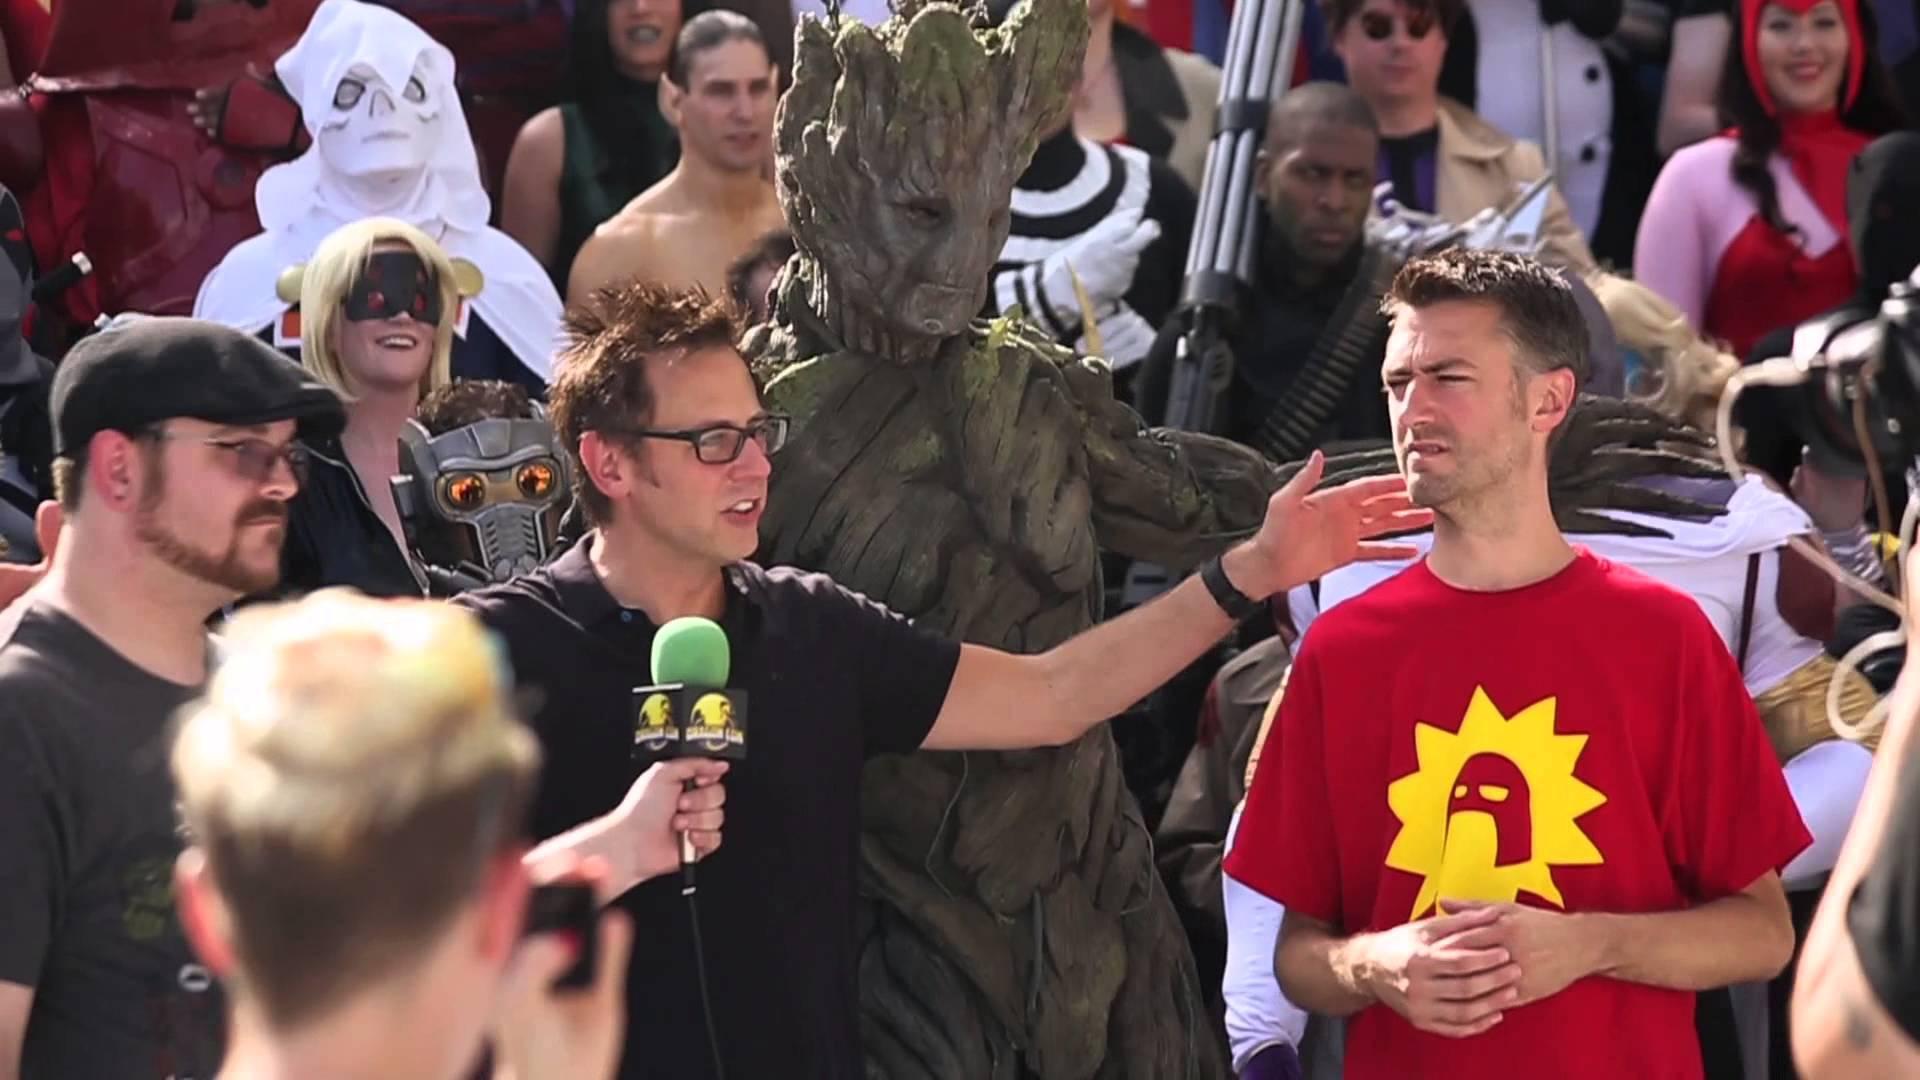 maxresdefaultKCVN7NTY Das Cosplay Musik Video von der DragonCon 2014 mit James Gunn!